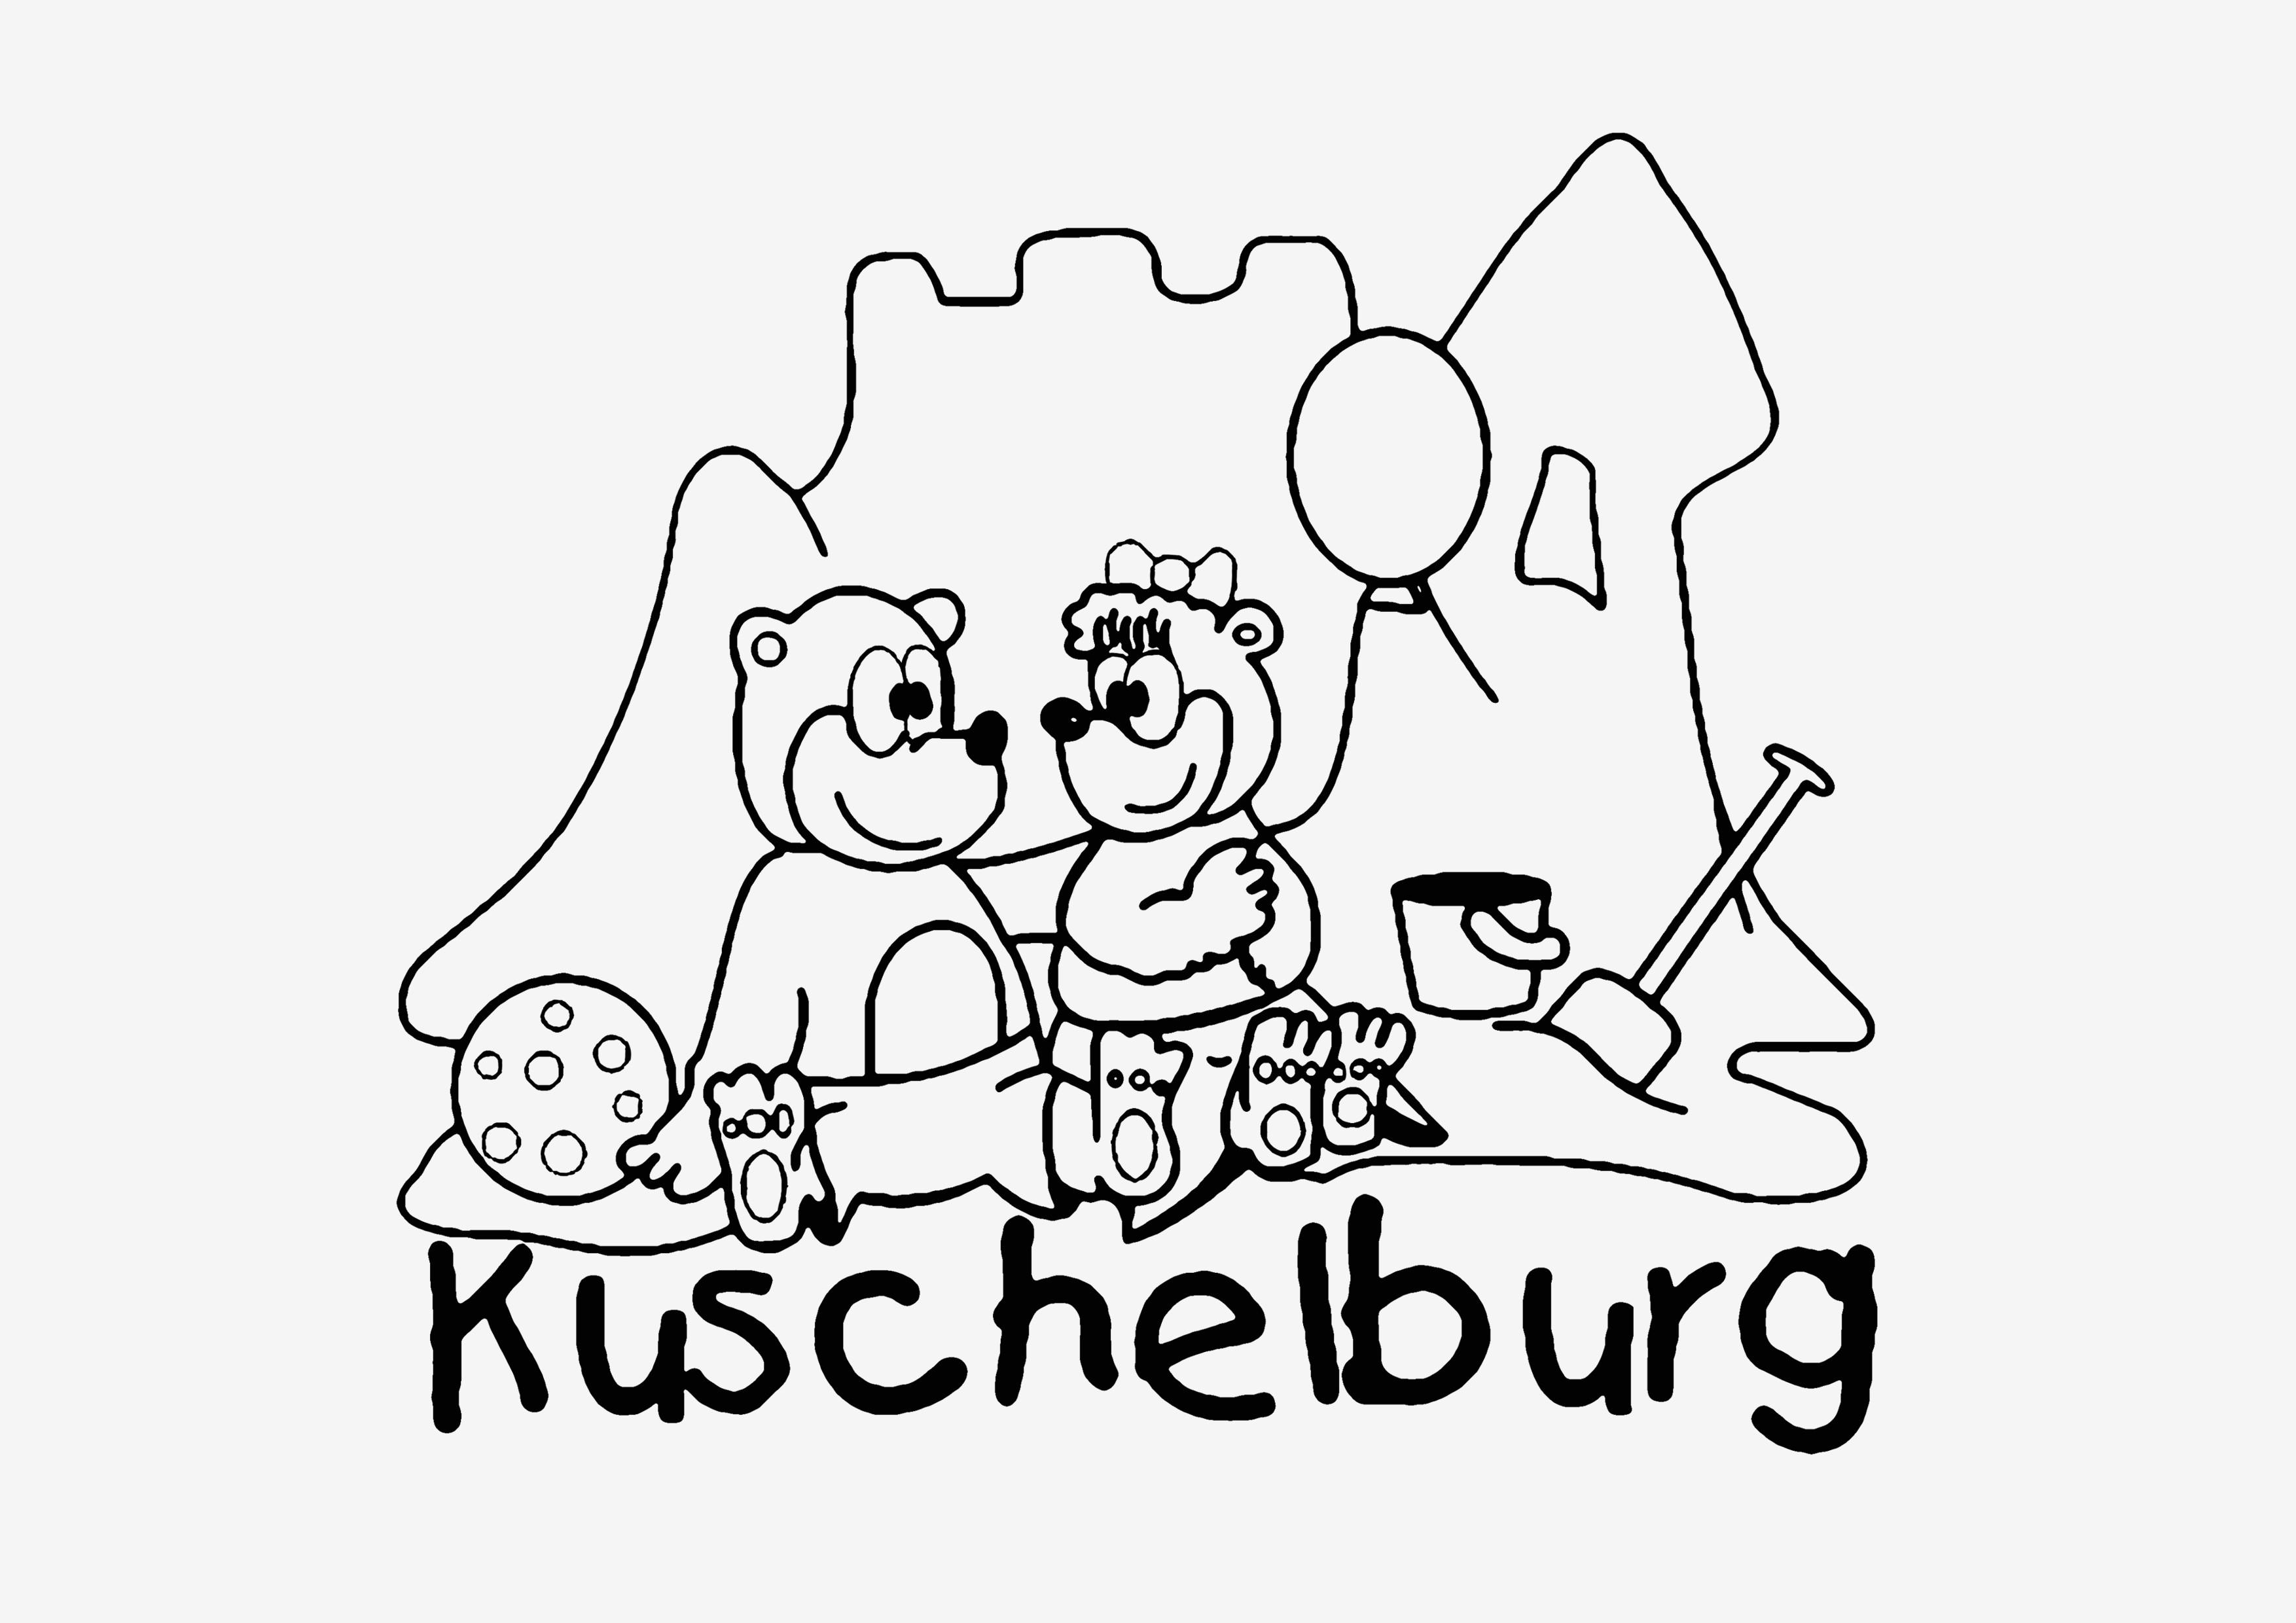 Manuel Neuer Ausmalbilder Inspirierend Spannende Coloring Bilder Ausmalbild Ritterburg Bild